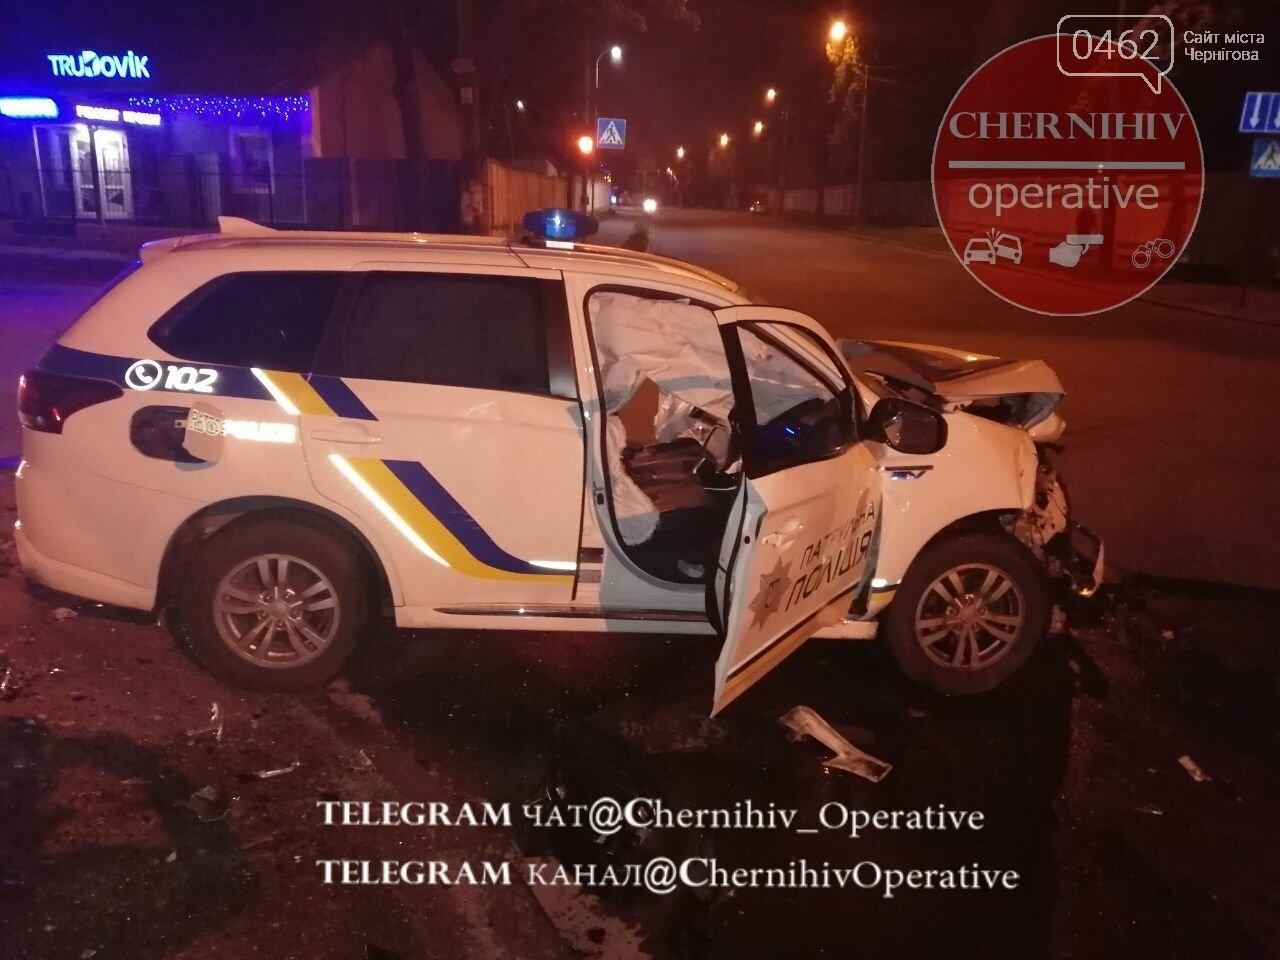 У Чернігові патрульний позашляховик потрапив у ДТП, фото-1